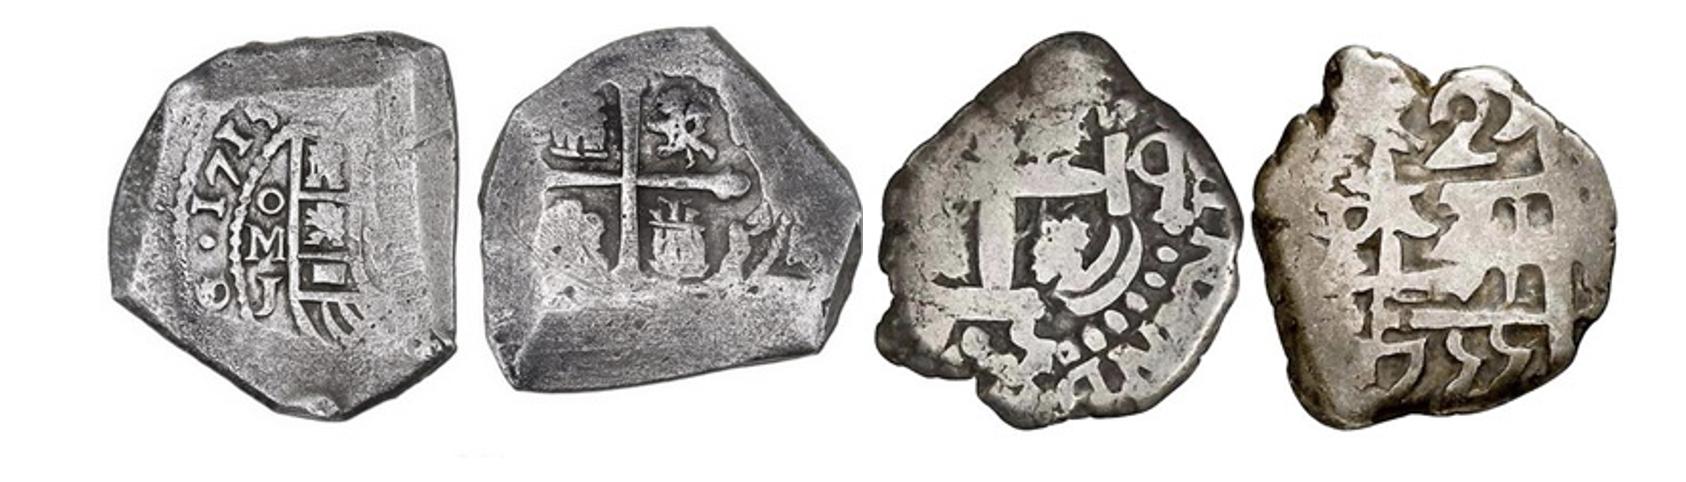 Variedad de monedas macuquinas mutiladas y desgastadas